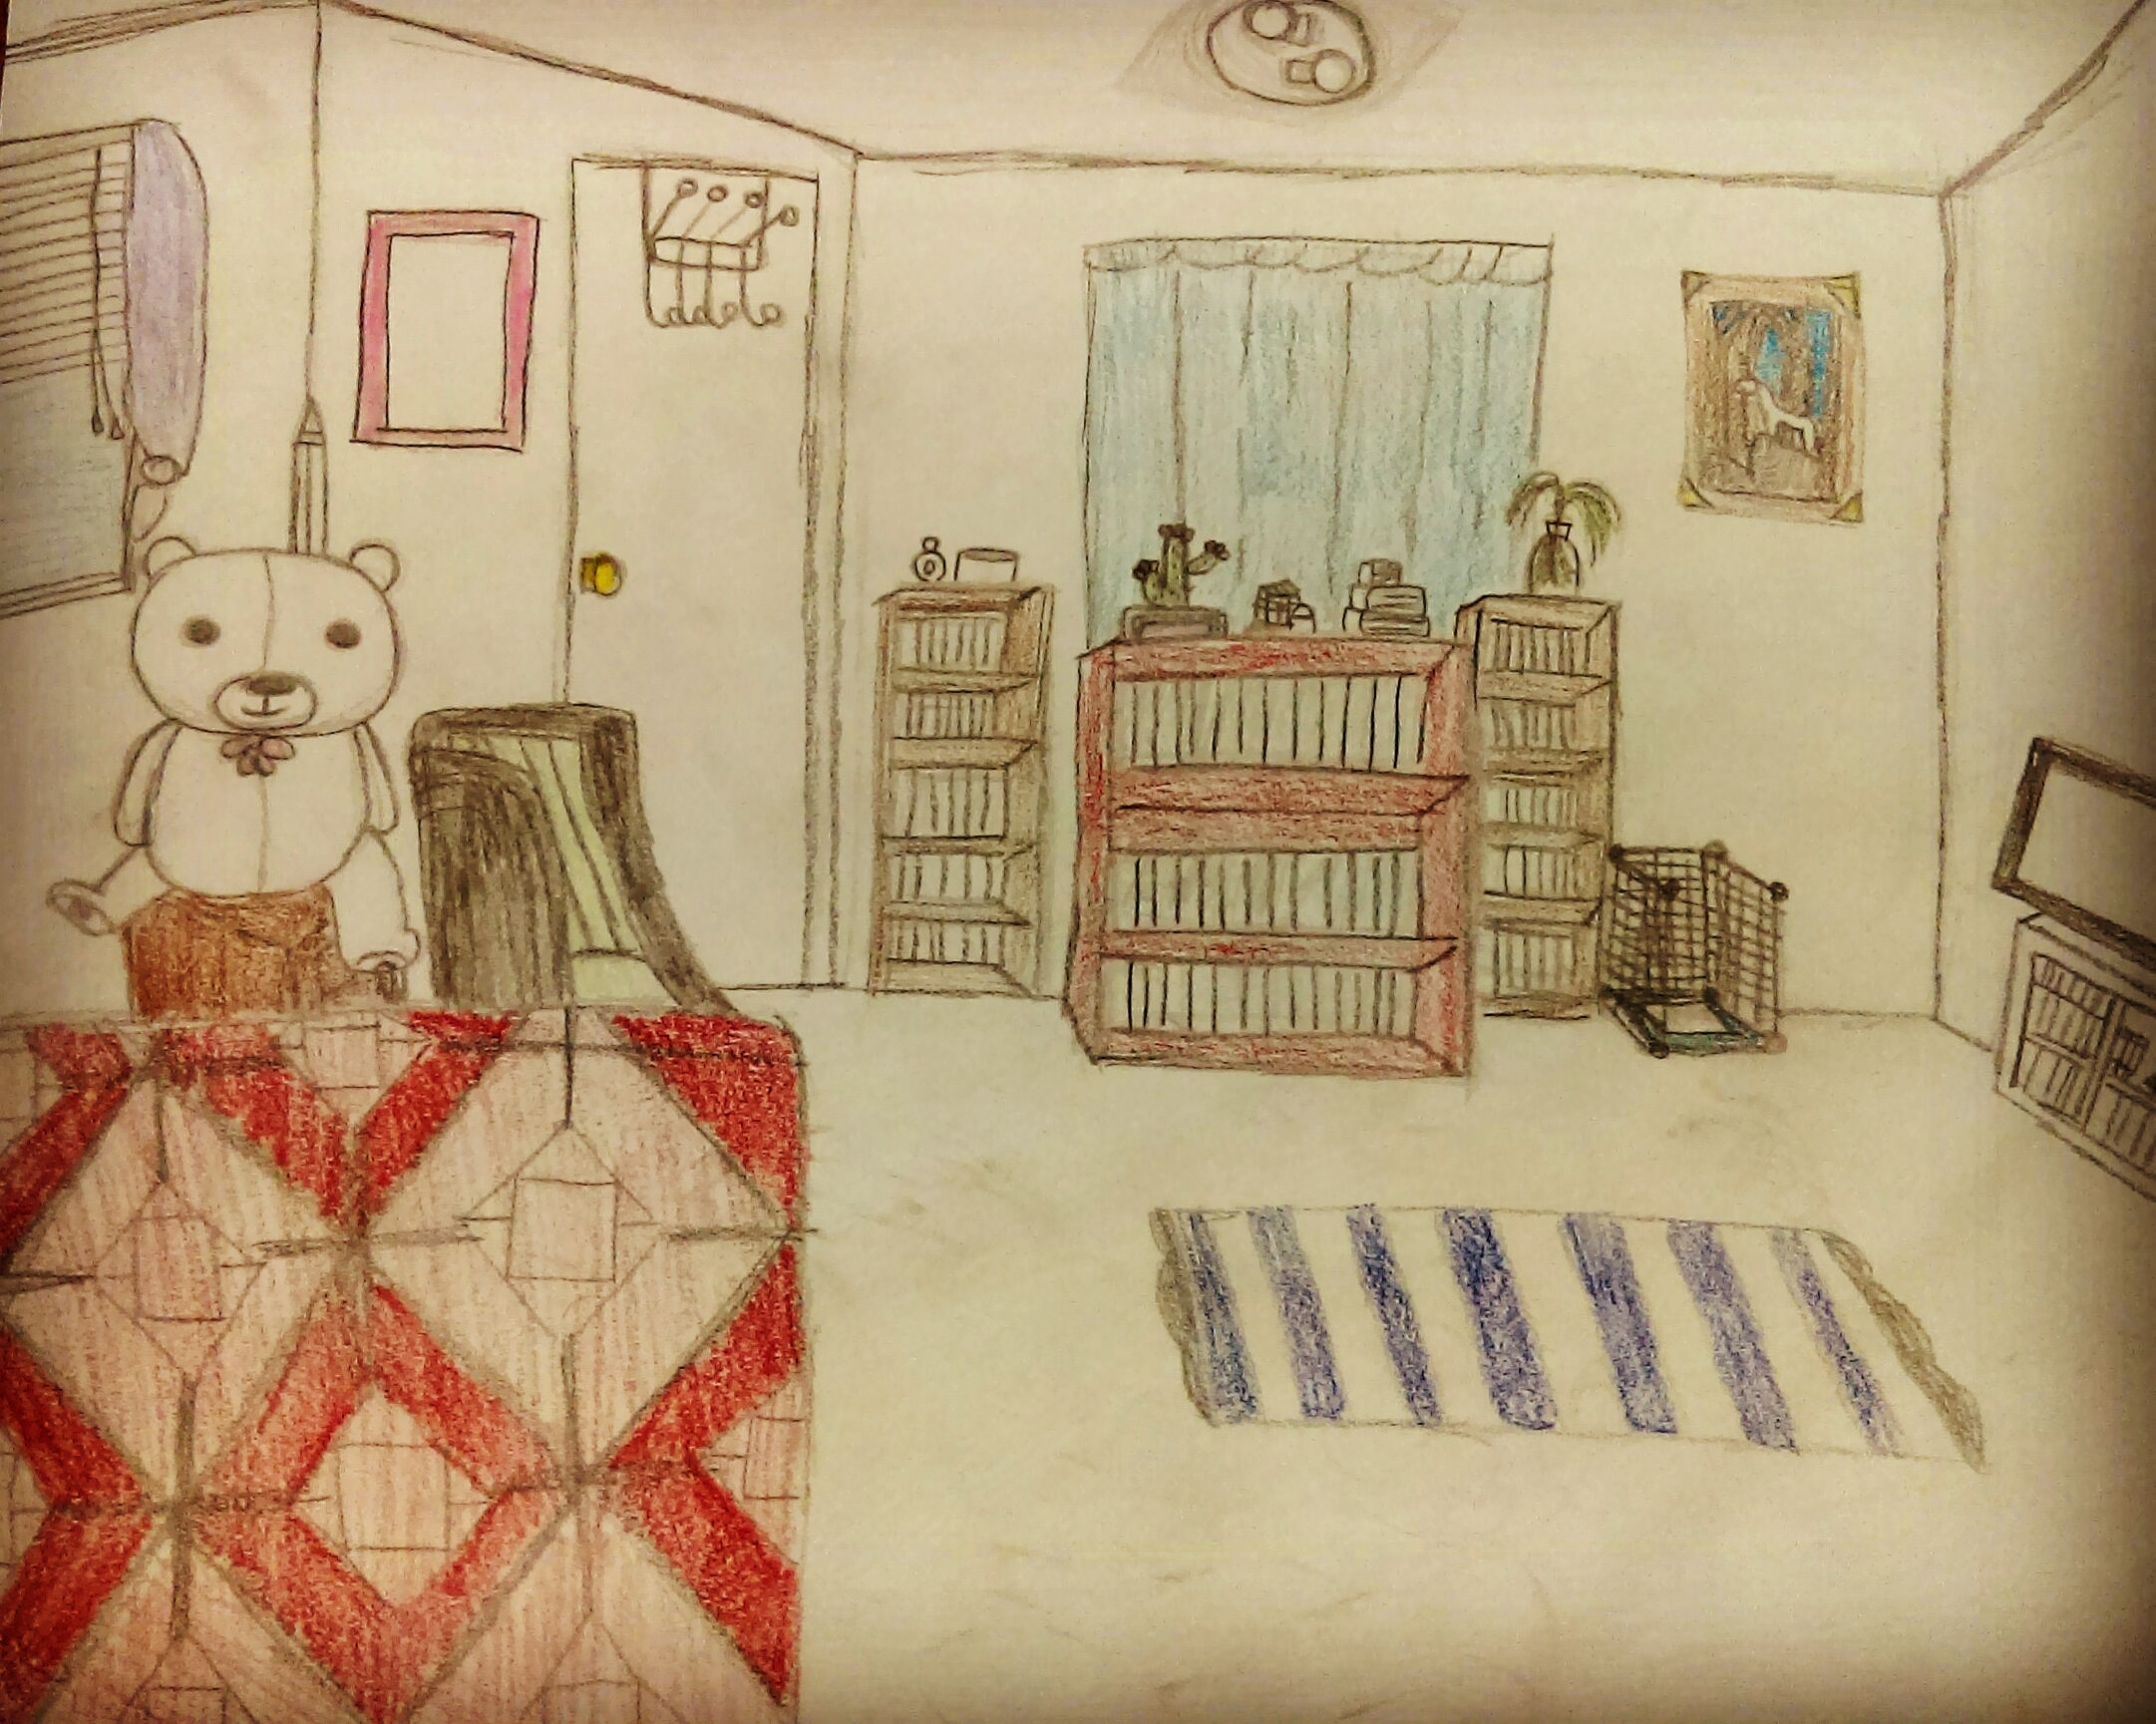 Bedroom drawing illustration art insta draw artwork